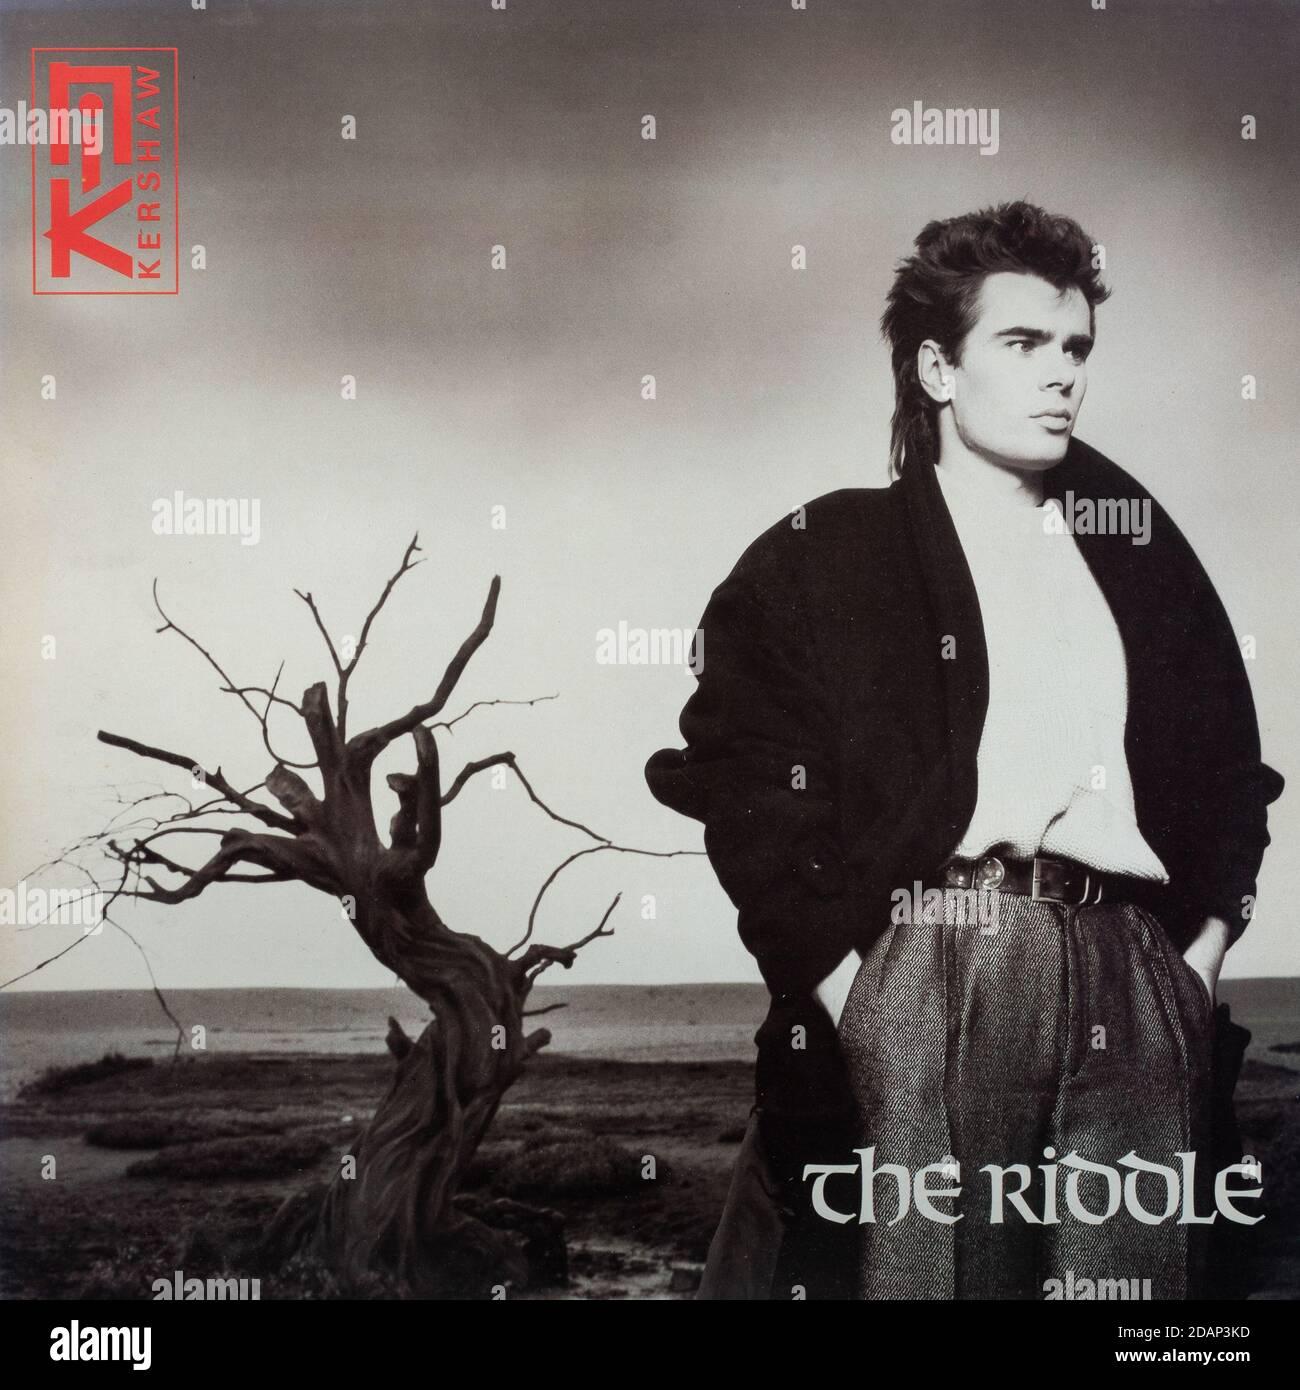 Nik Kershaw The Riddle, vinilo LP álbum cubierta Foto de stock